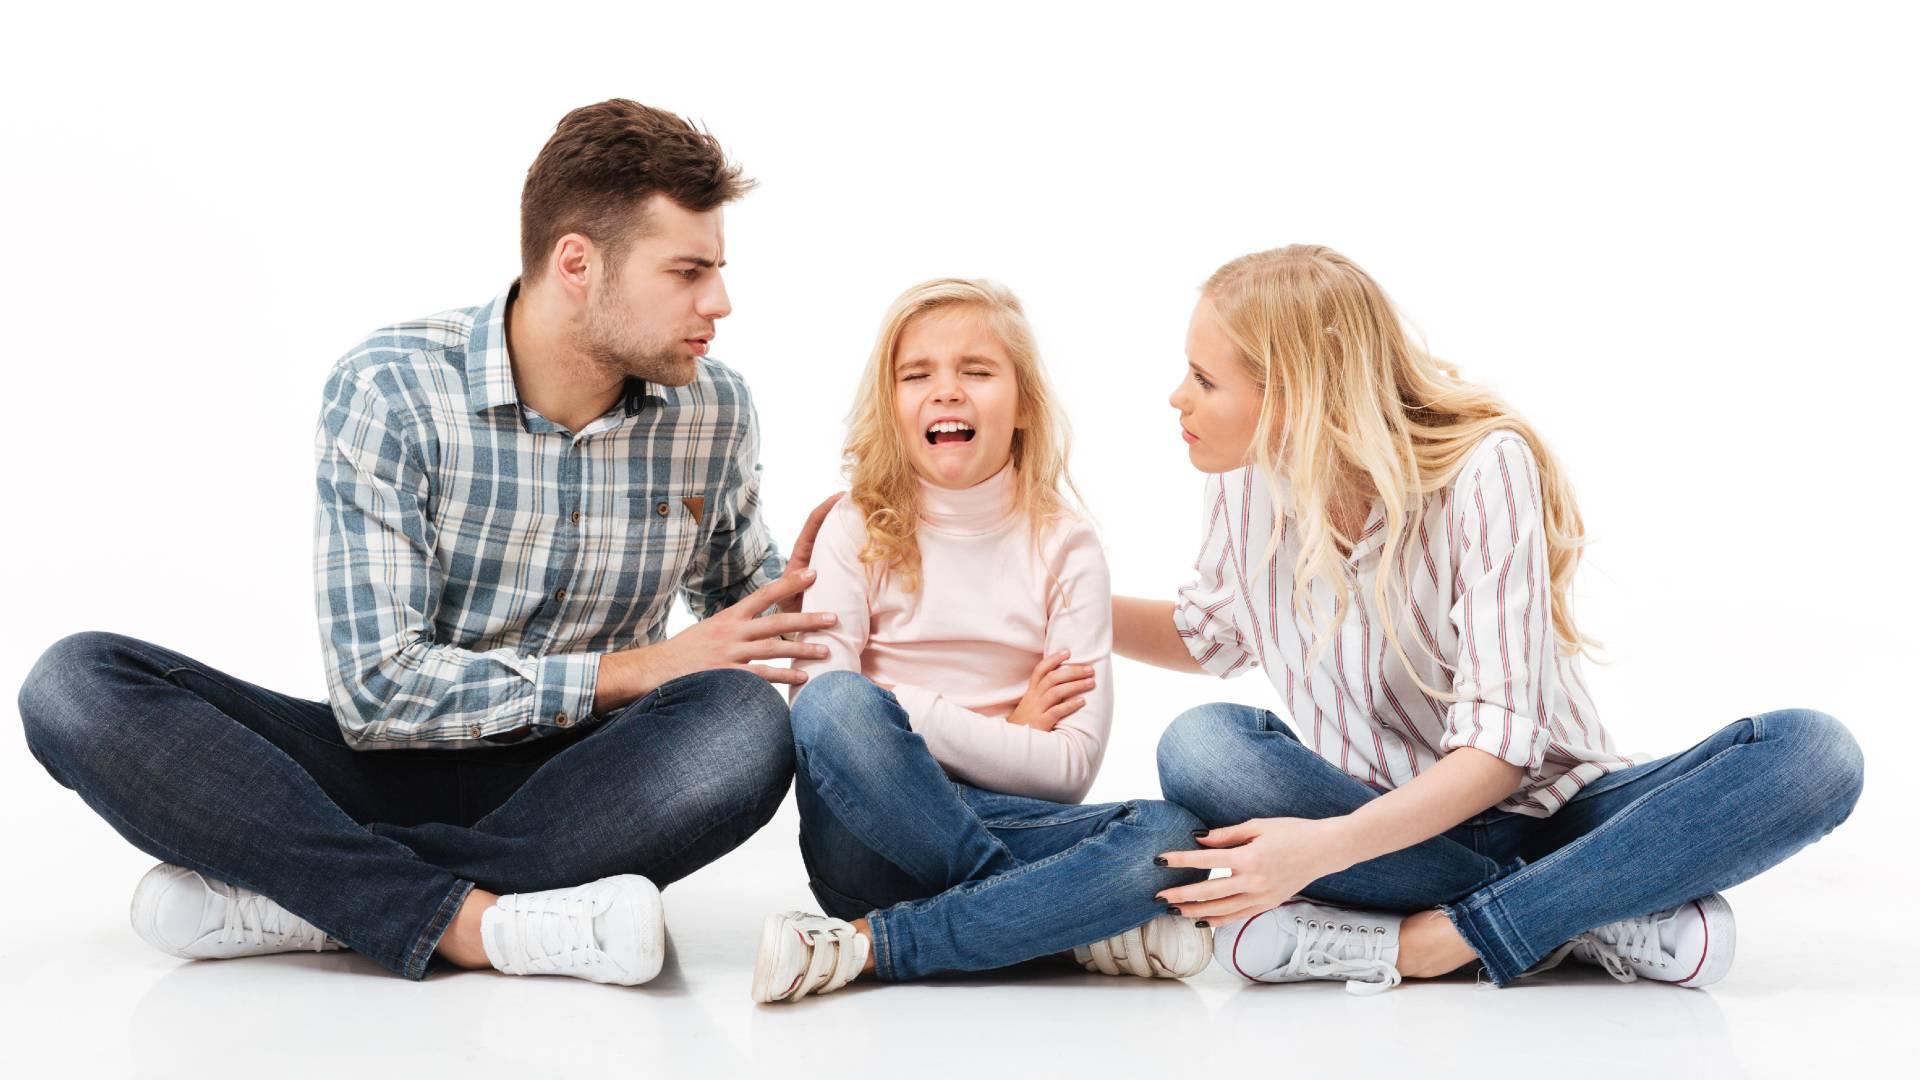 Padre y madre tratando de calmar a su pequeña que hace una rabieta